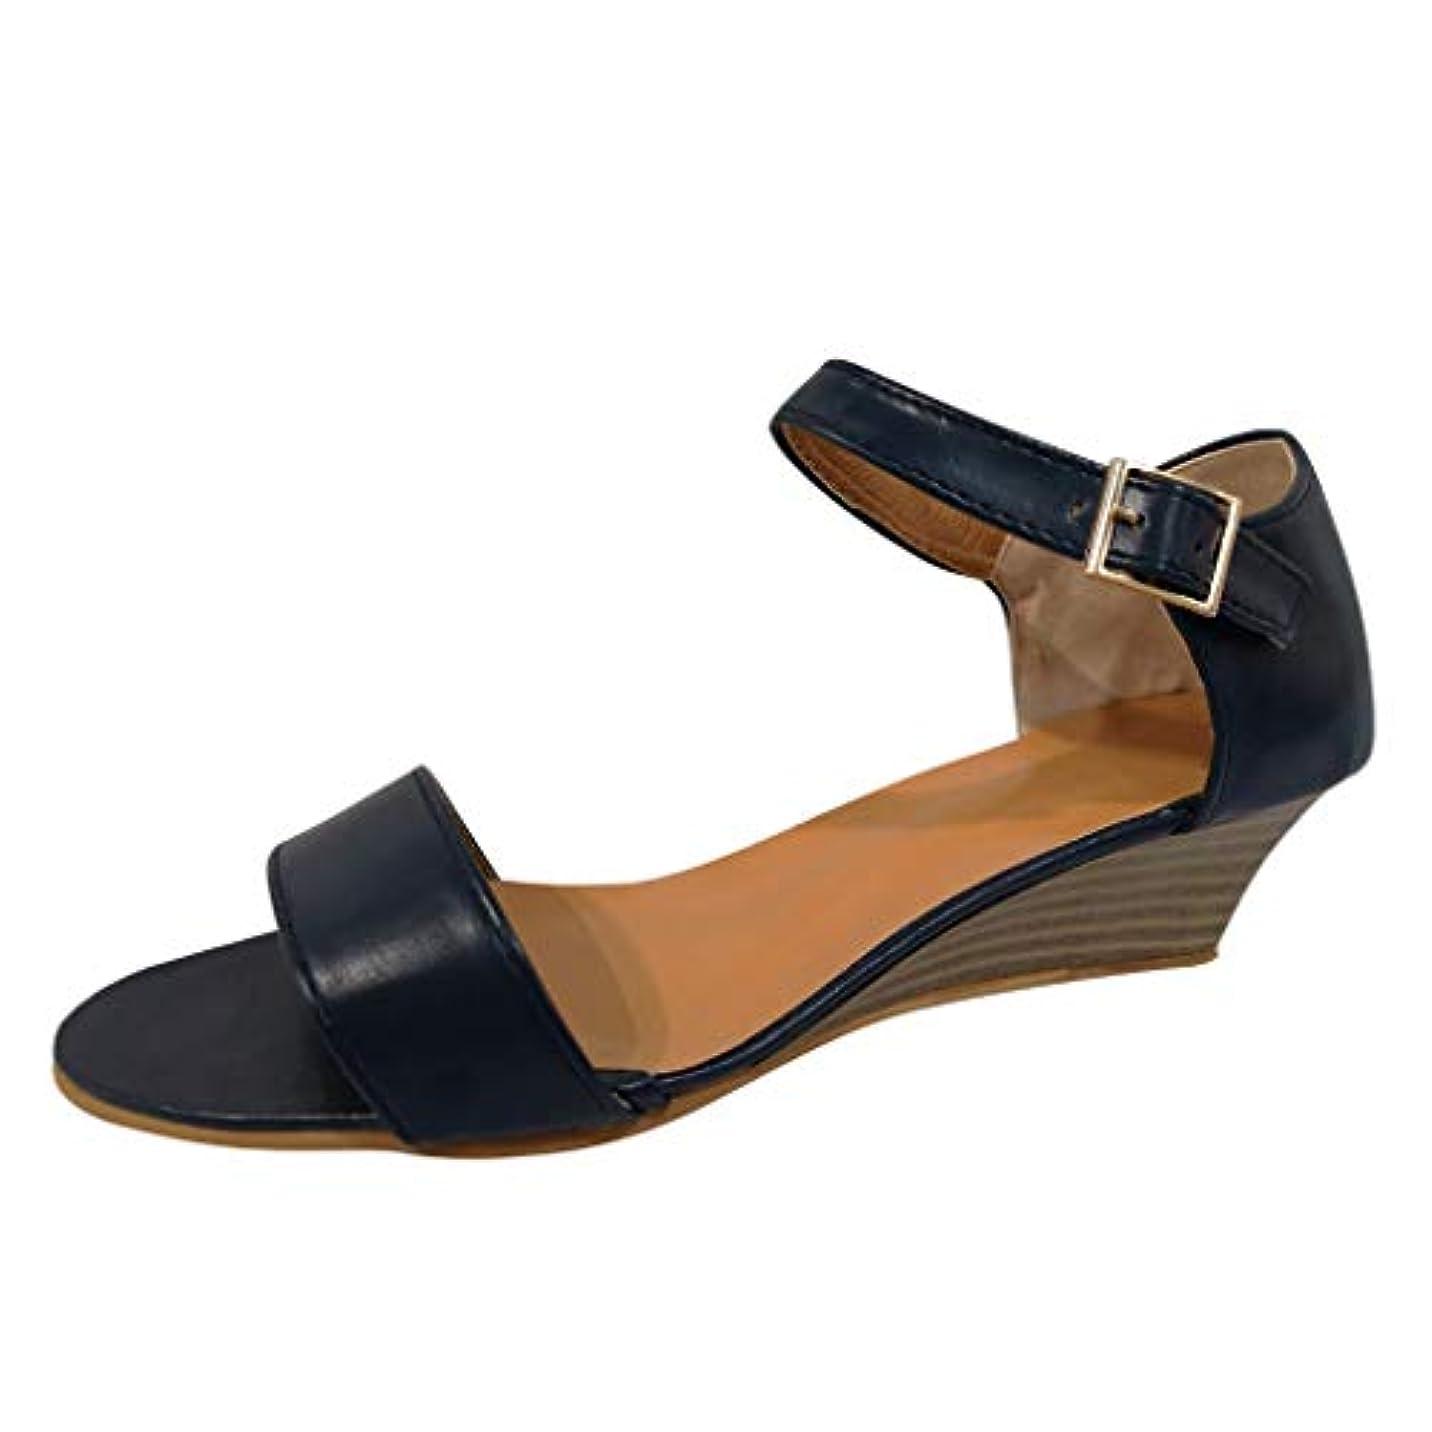 ヘビー教会部分美脚 ウェッジソール Foreted ミュール サンダル ローヒール 黒 ウエッジ 靴 歩きやすい 疲れないカジュアル コンフォートサンダル ストラップ 痛くない